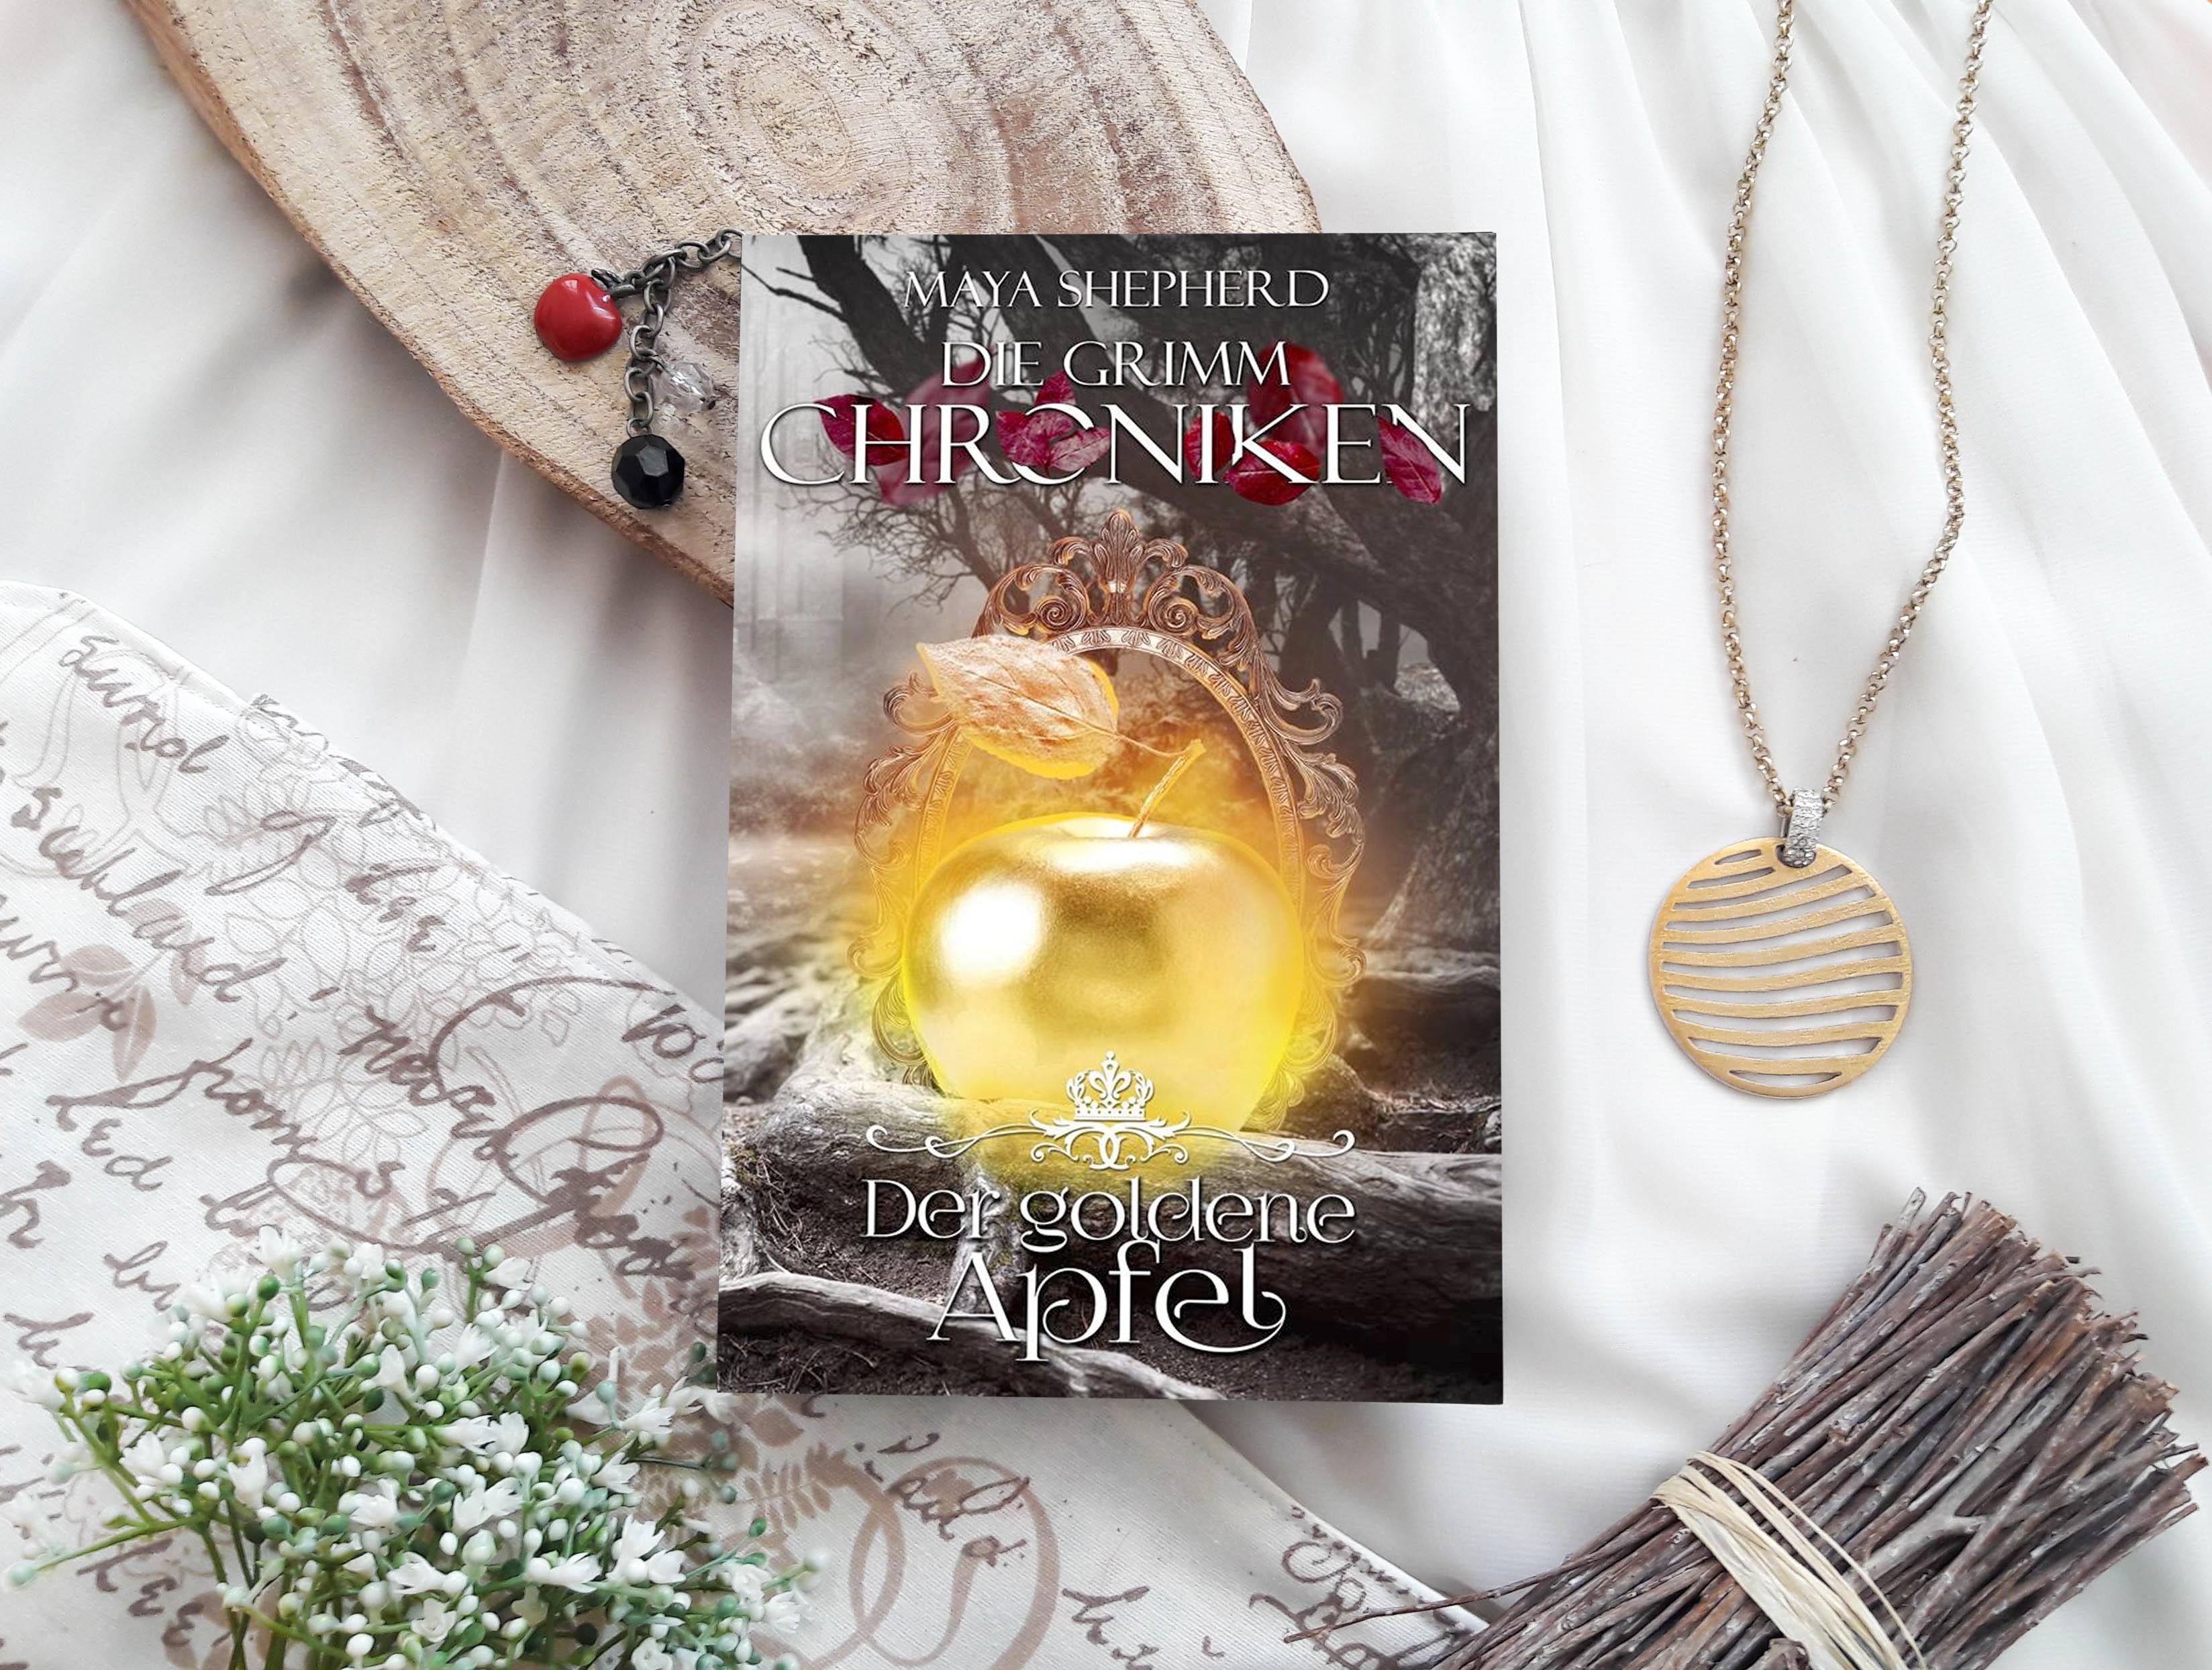 Die Grimm-Chroniken: Der goldene Apfel – Maya Shepherd graphic